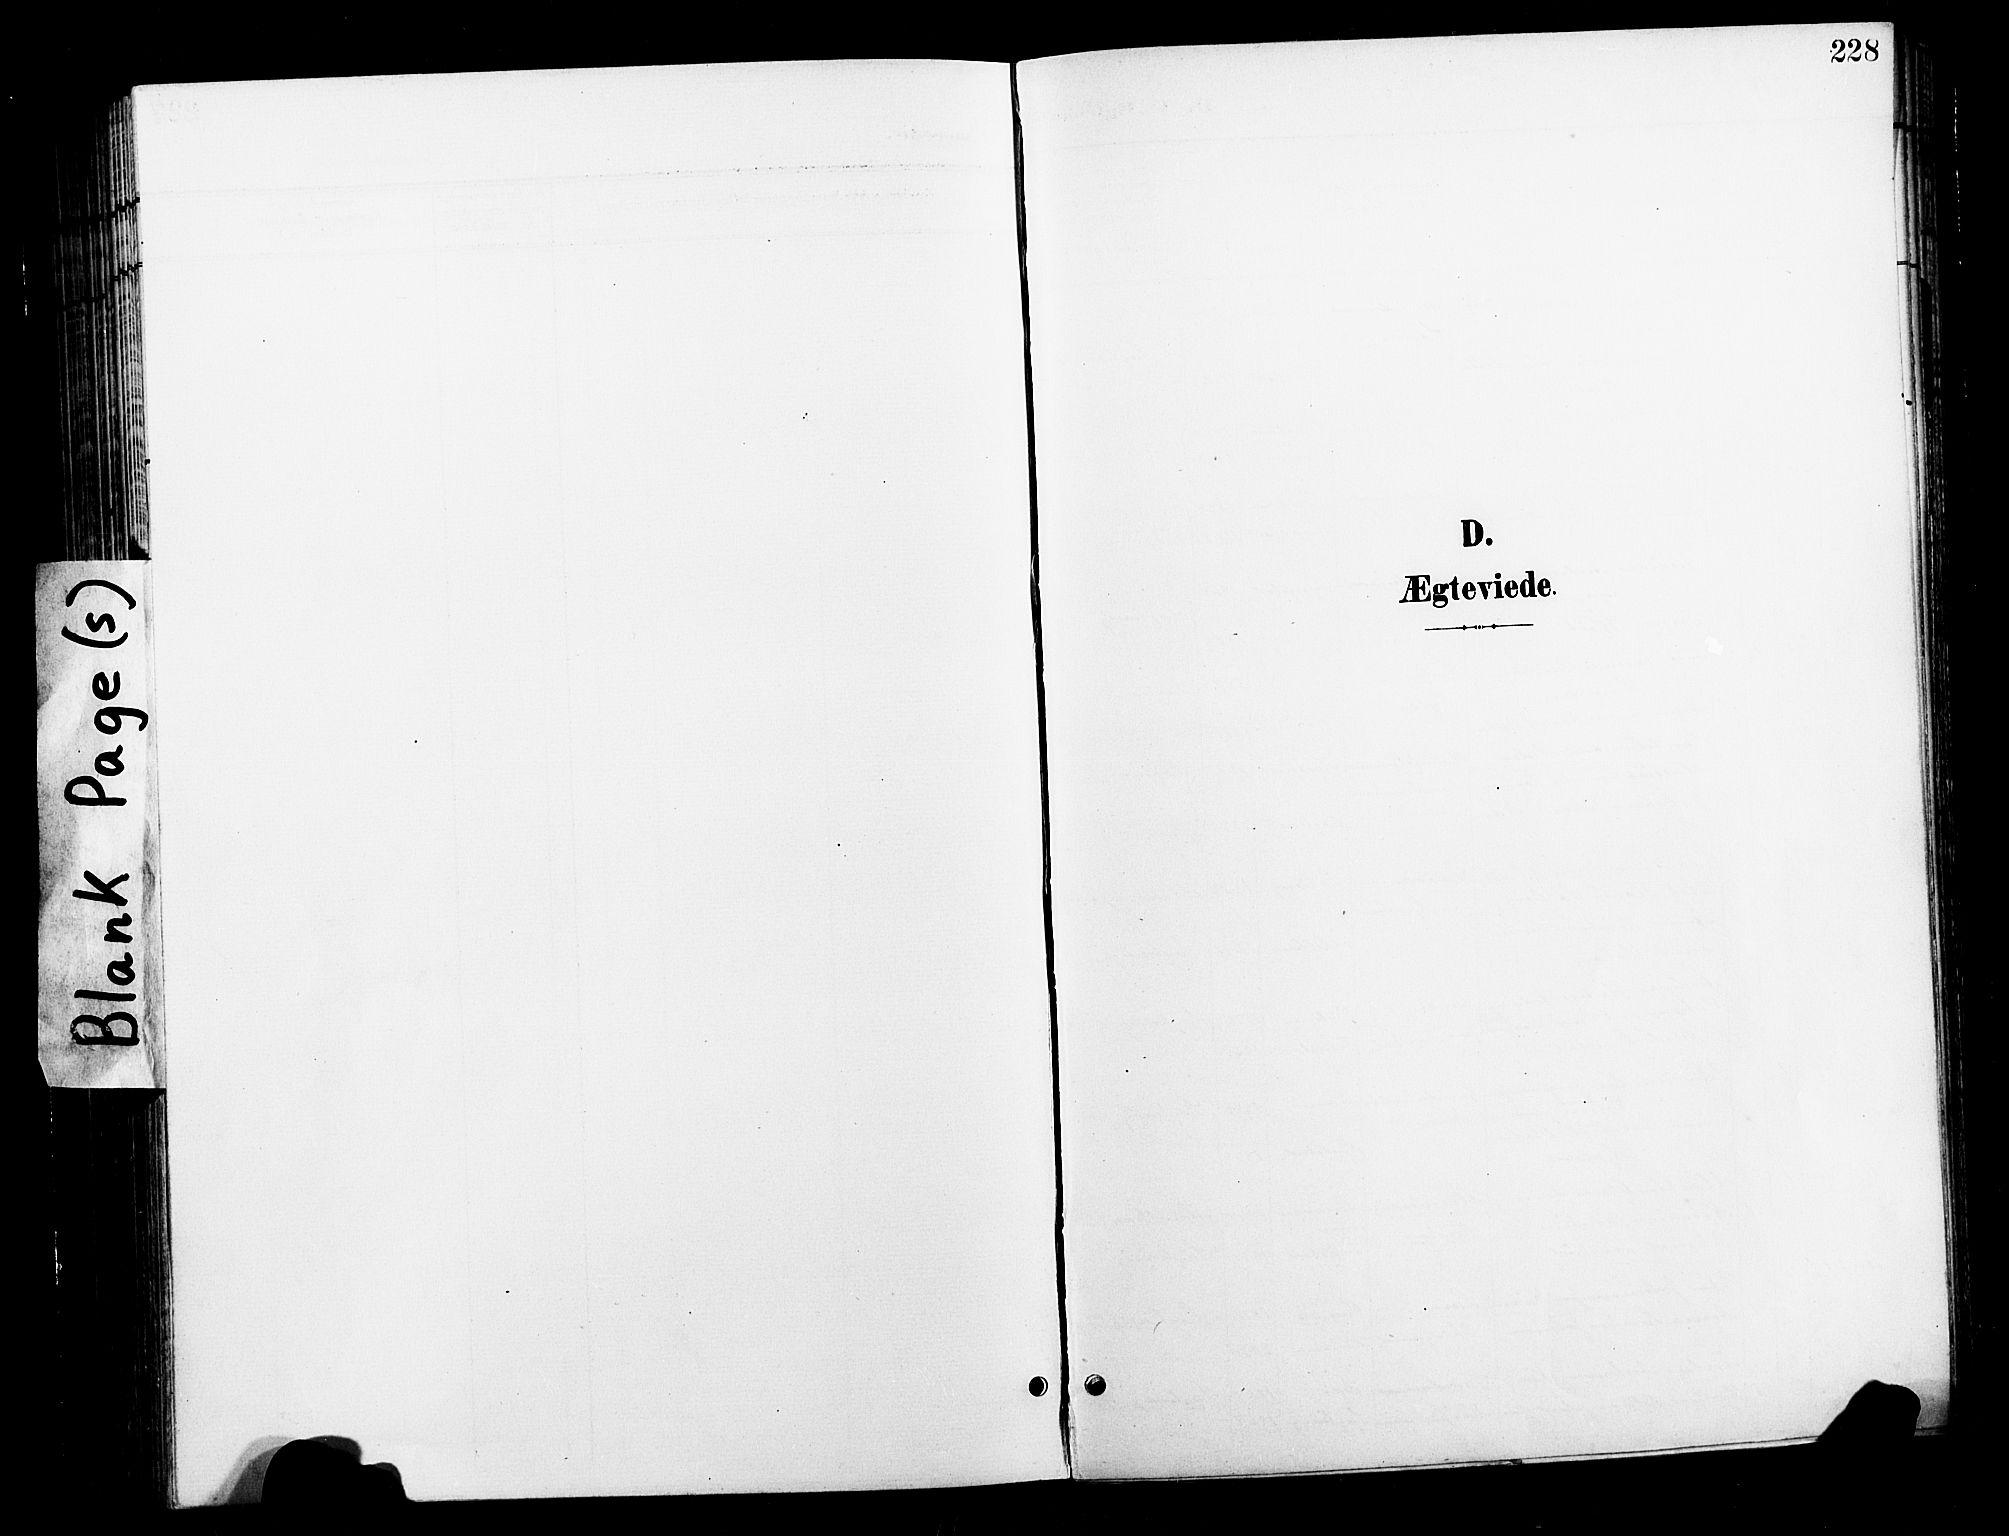 SAT, Ministerialprotokoller, klokkerbøker og fødselsregistre - Nord-Trøndelag, 730/L0302: Klokkerbok nr. 730C05, 1898-1924, s. 228